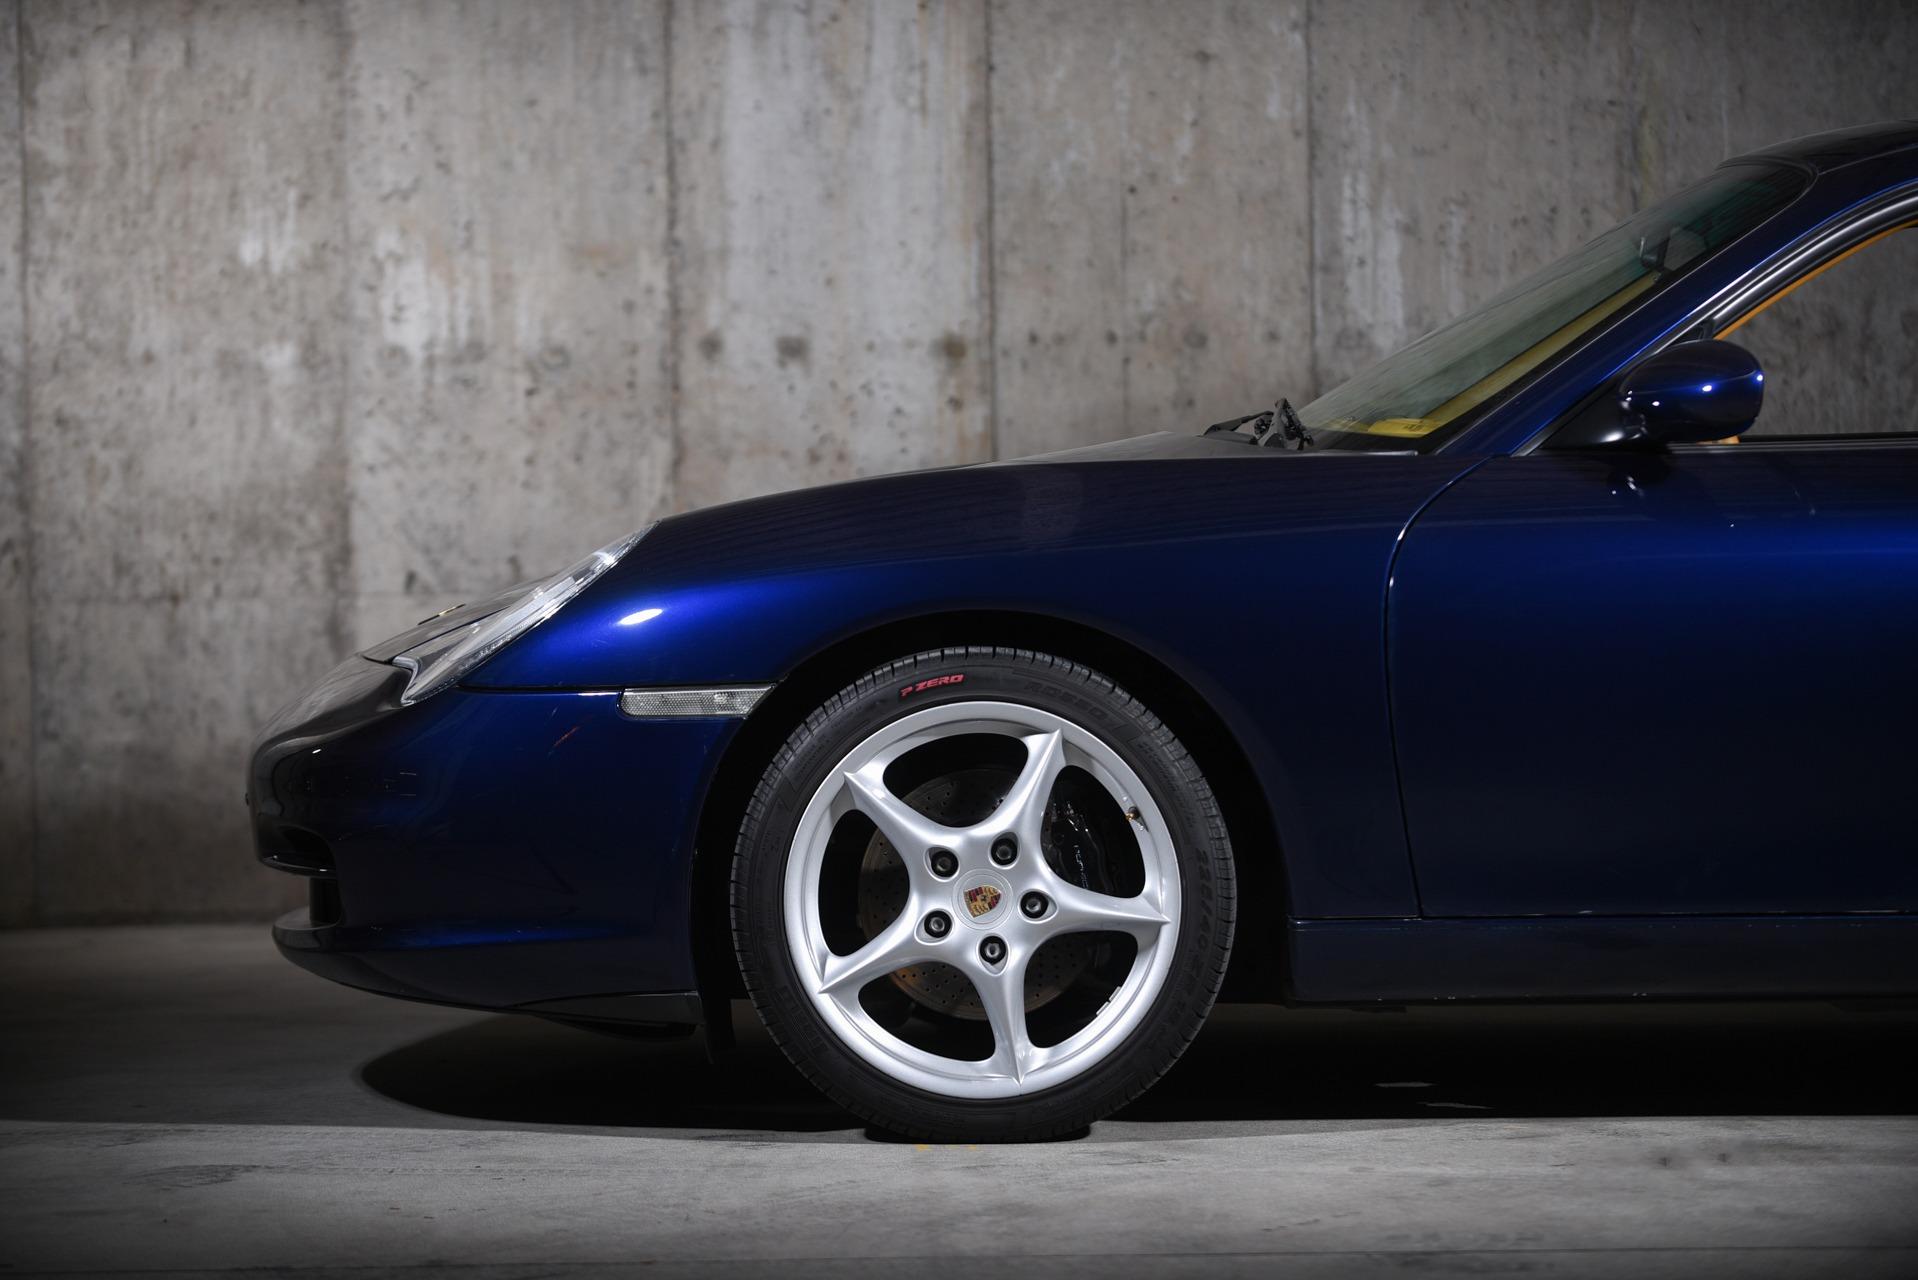 Used 2002 Porsche 911 Carrera   Glen Cove, NY